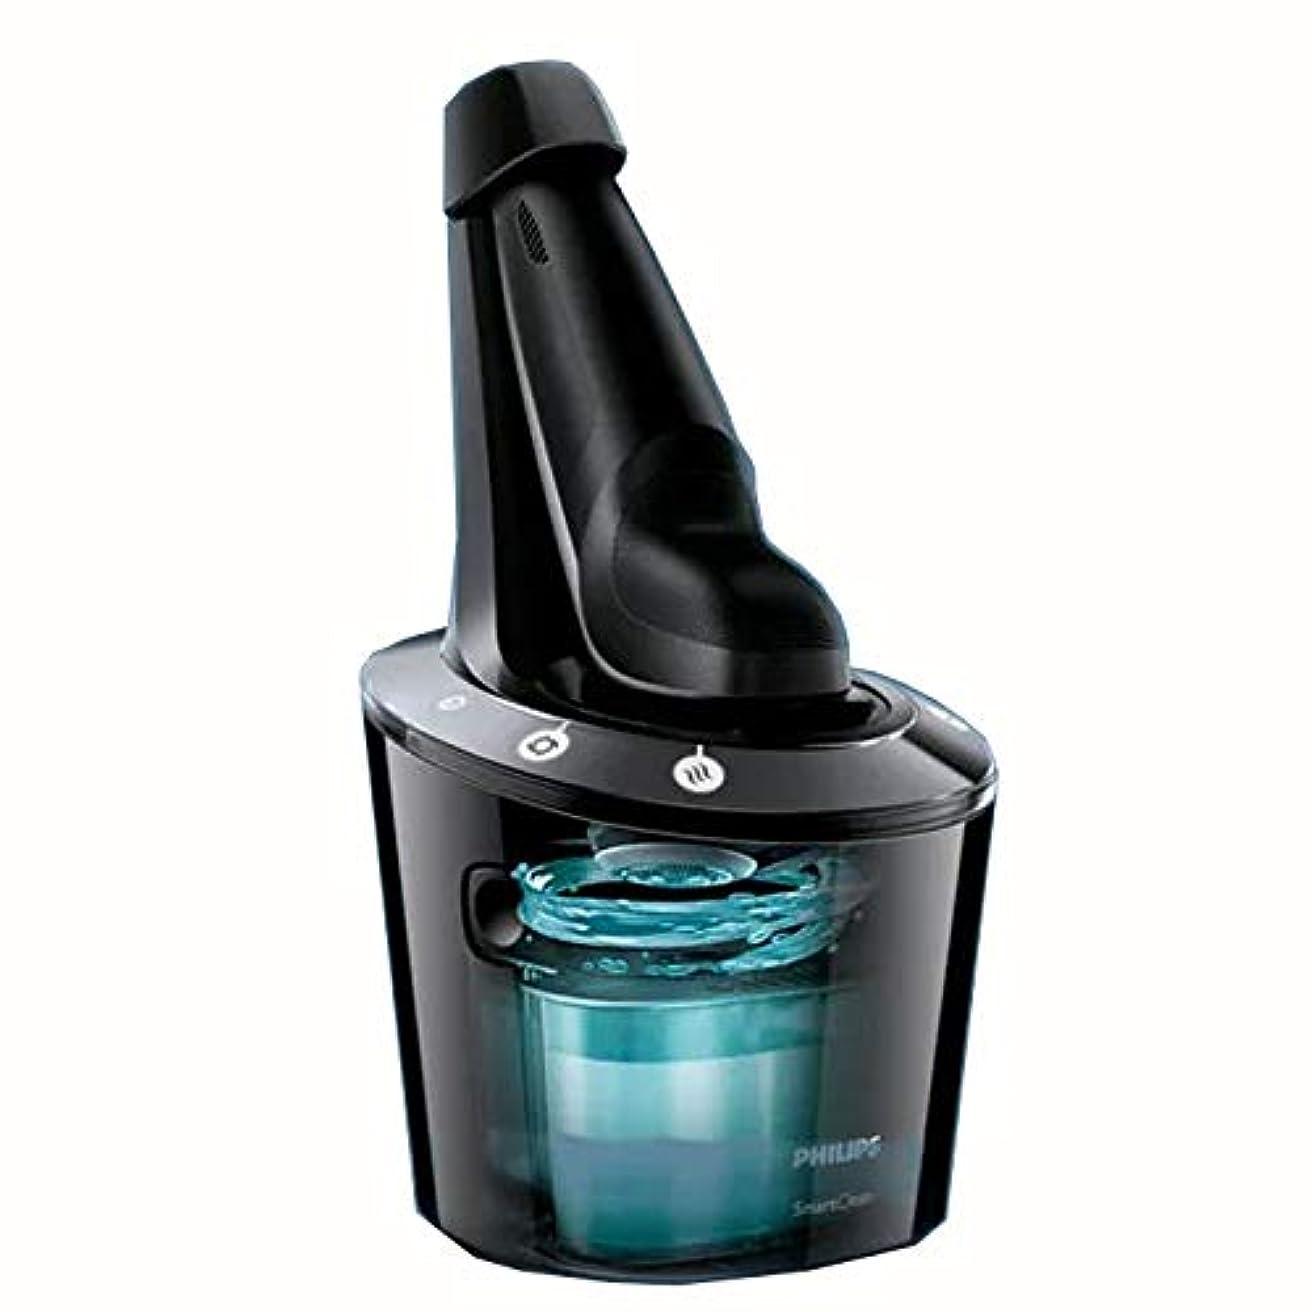 即席電池刺すPHILIPS スマートクリーン シェーバー 電気シェーバー 洗浄充電器 除菌 洗浄 潤滑 乾燥 充電 Sシリーズ対応